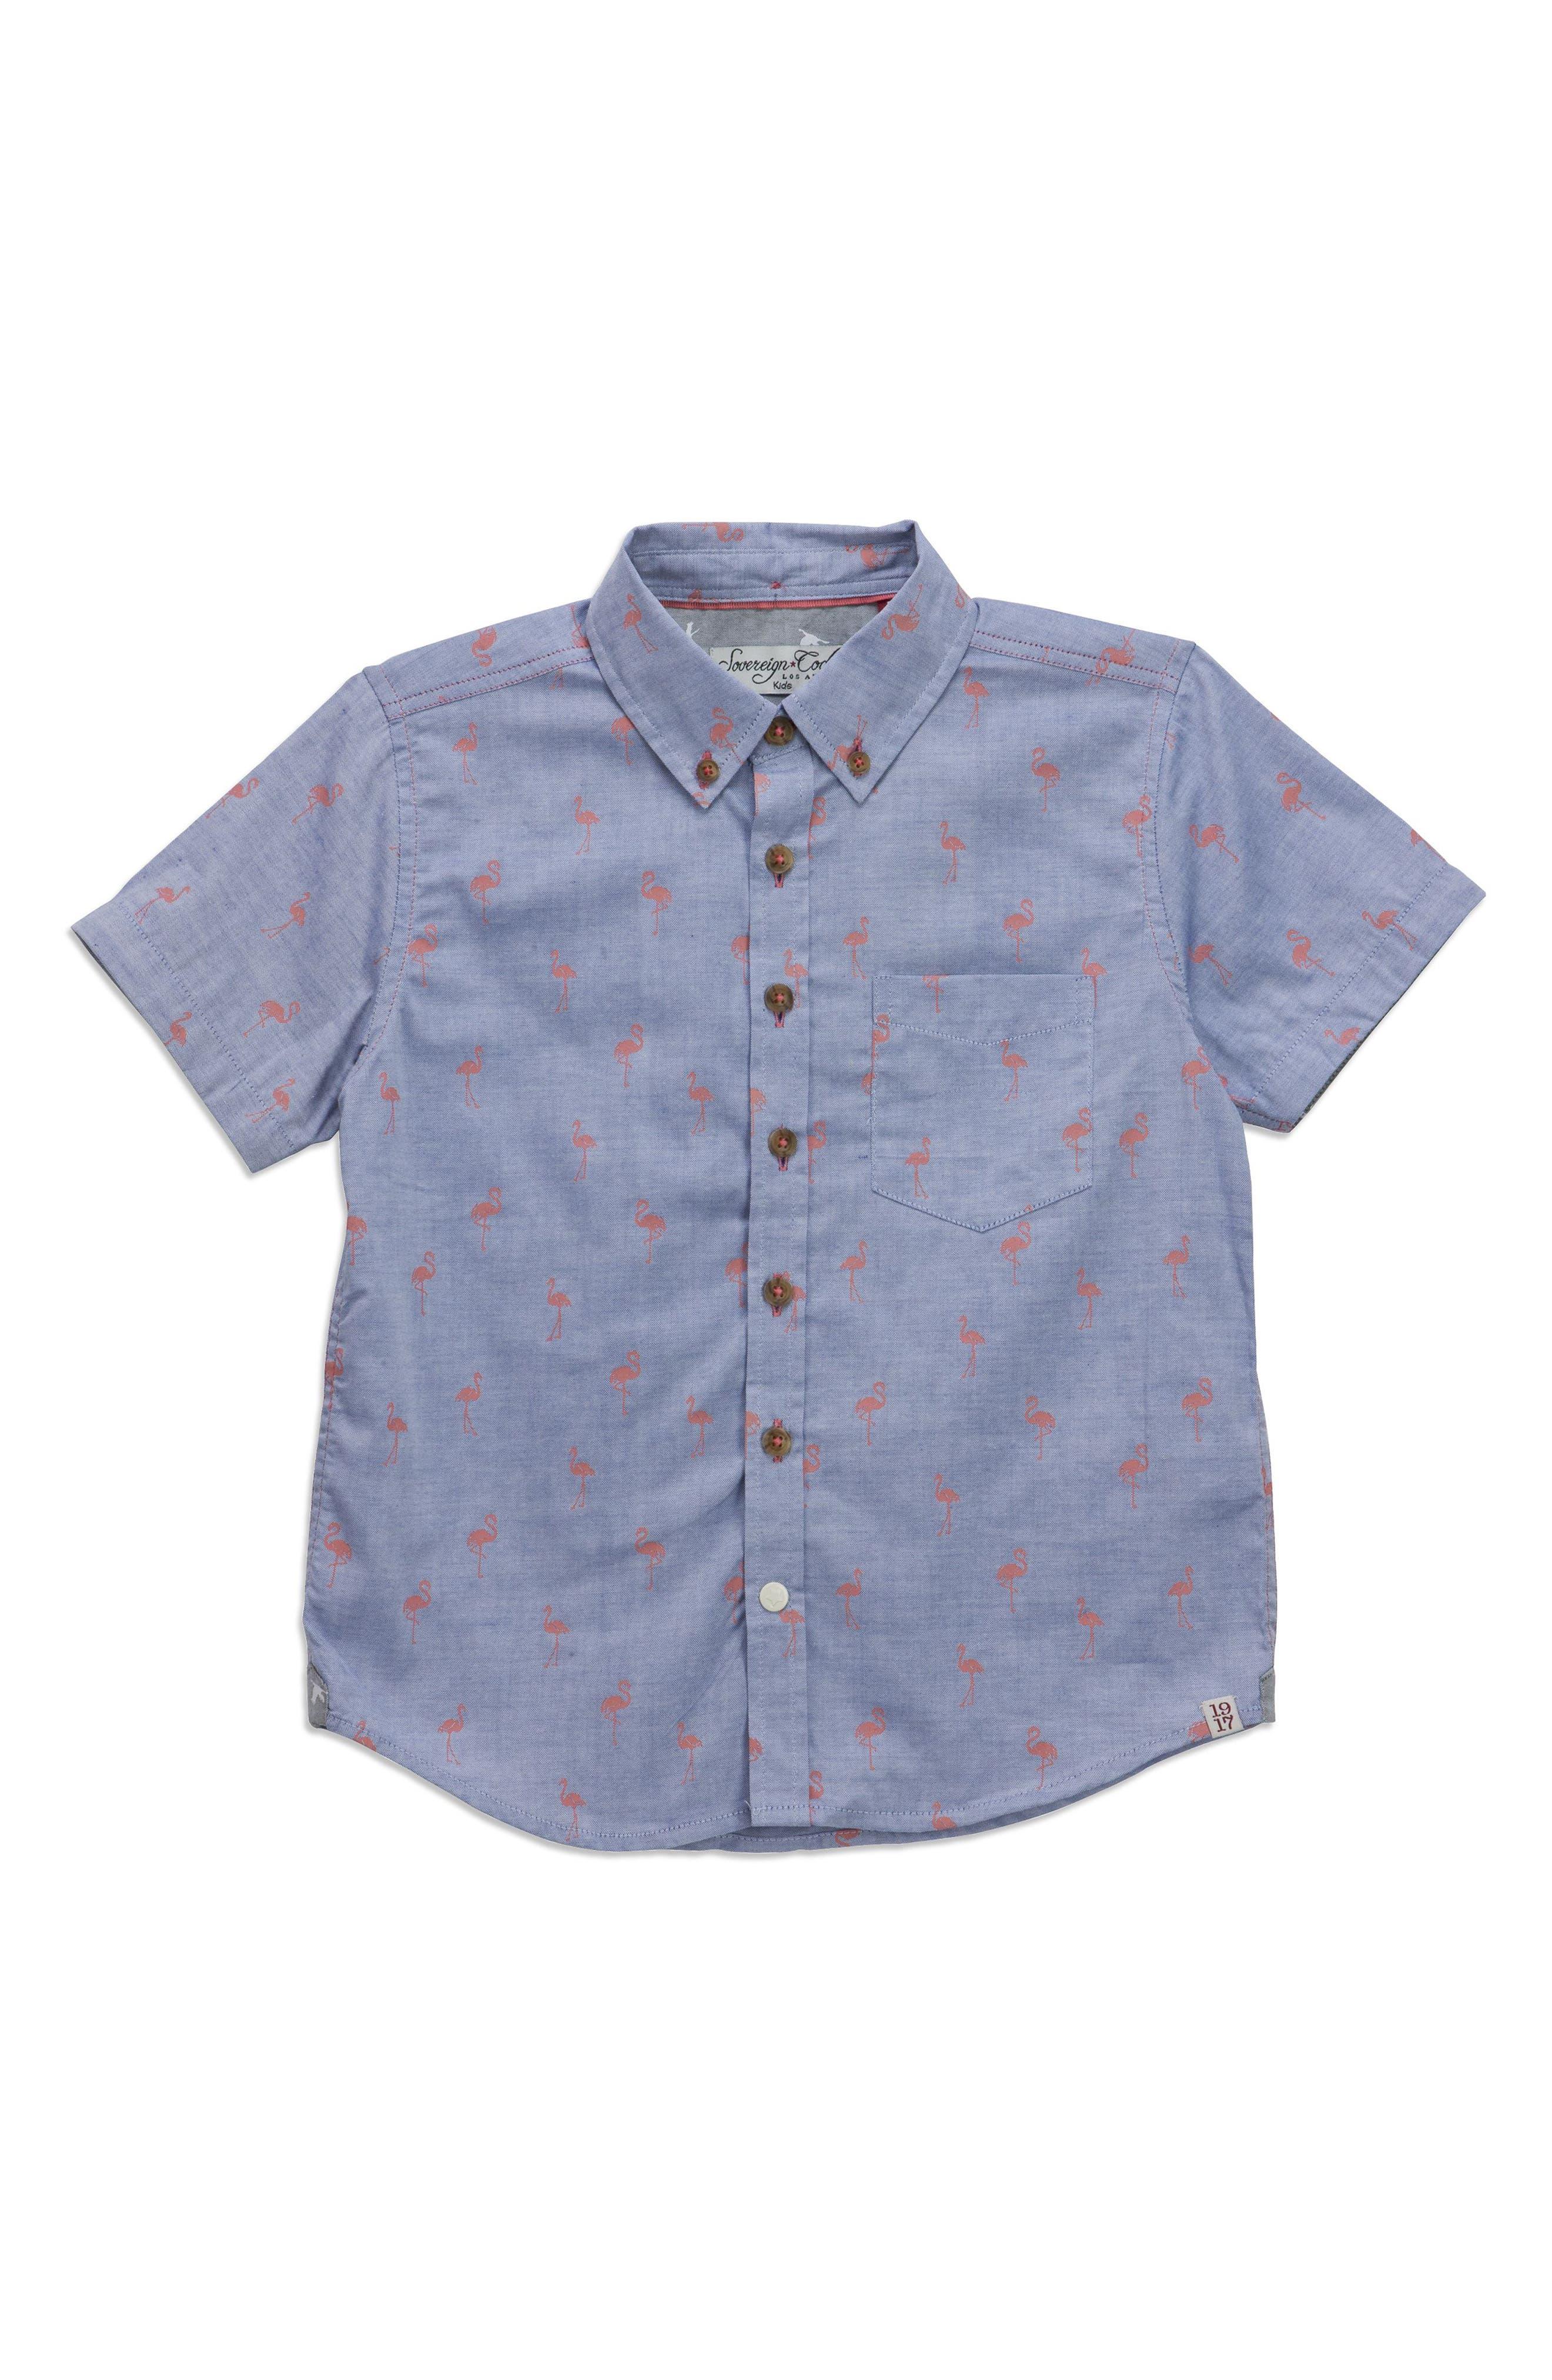 Crystal Cove Woven Shirt,                             Main thumbnail 1, color,                             Navy